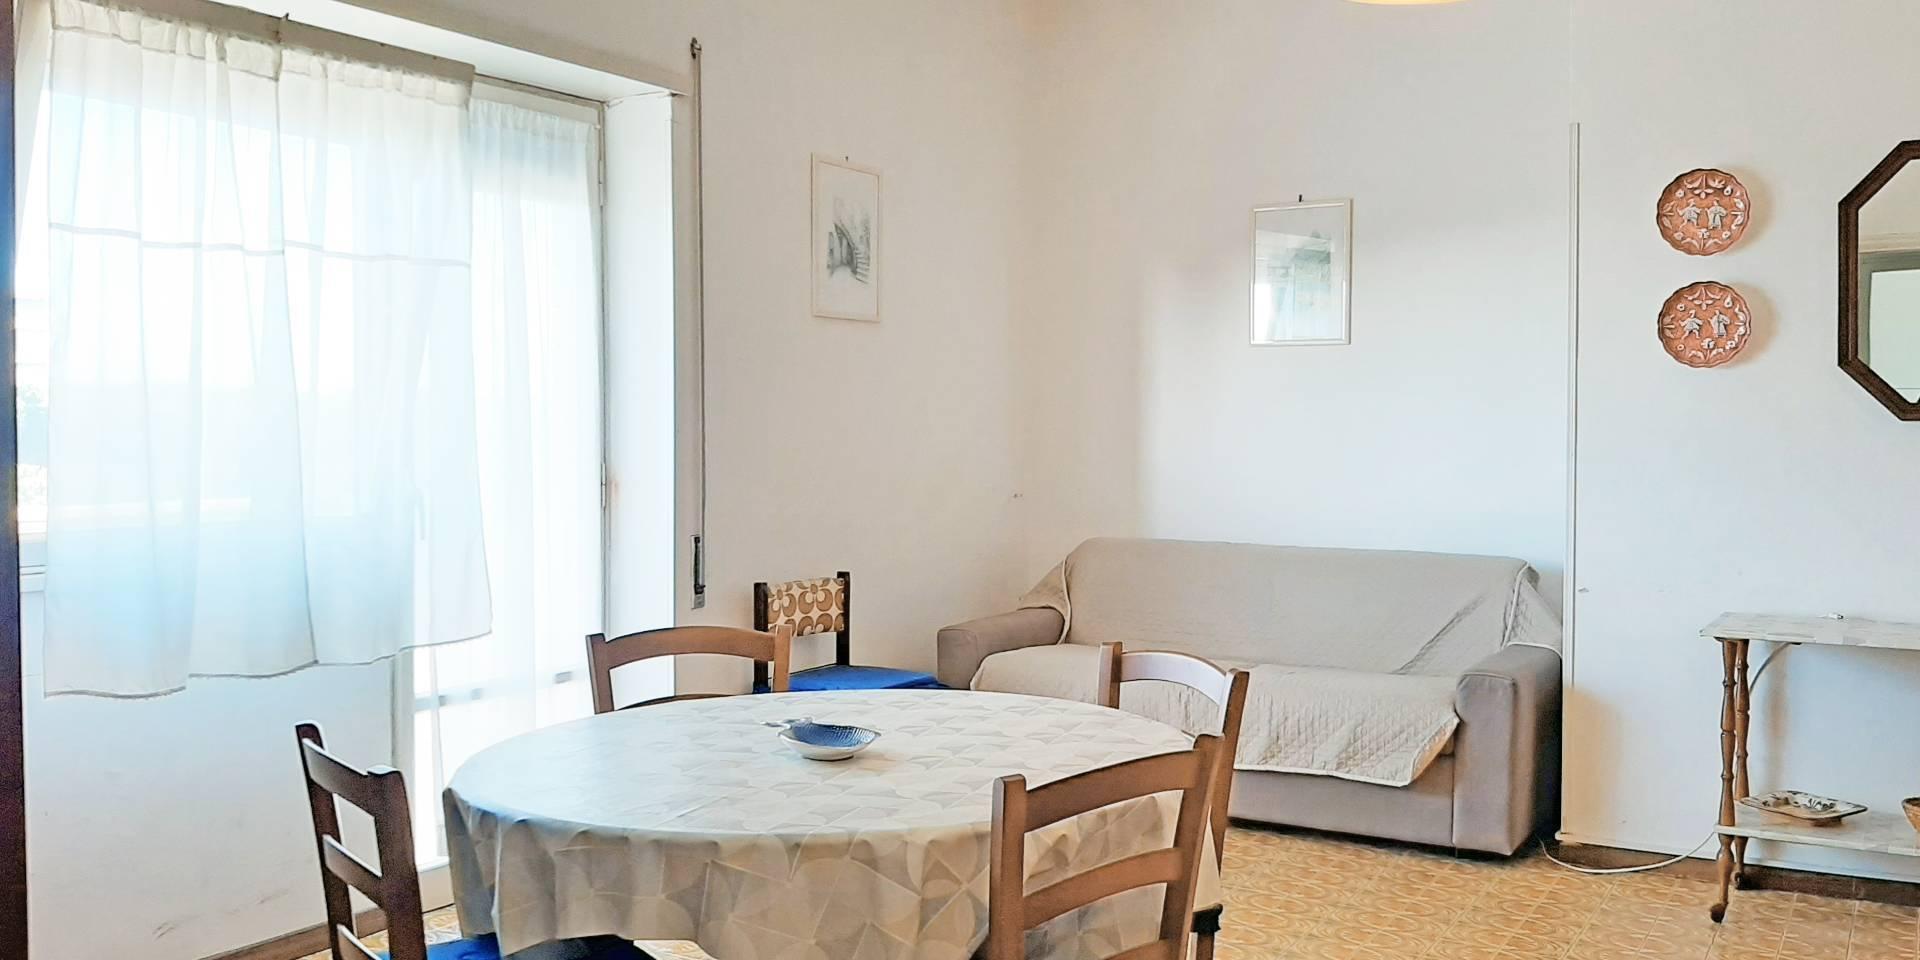 Appartamento in affitto a Tarquinia, 3 locali, zona Località: LidodiTarquinia, prezzo € 700   CambioCasa.it